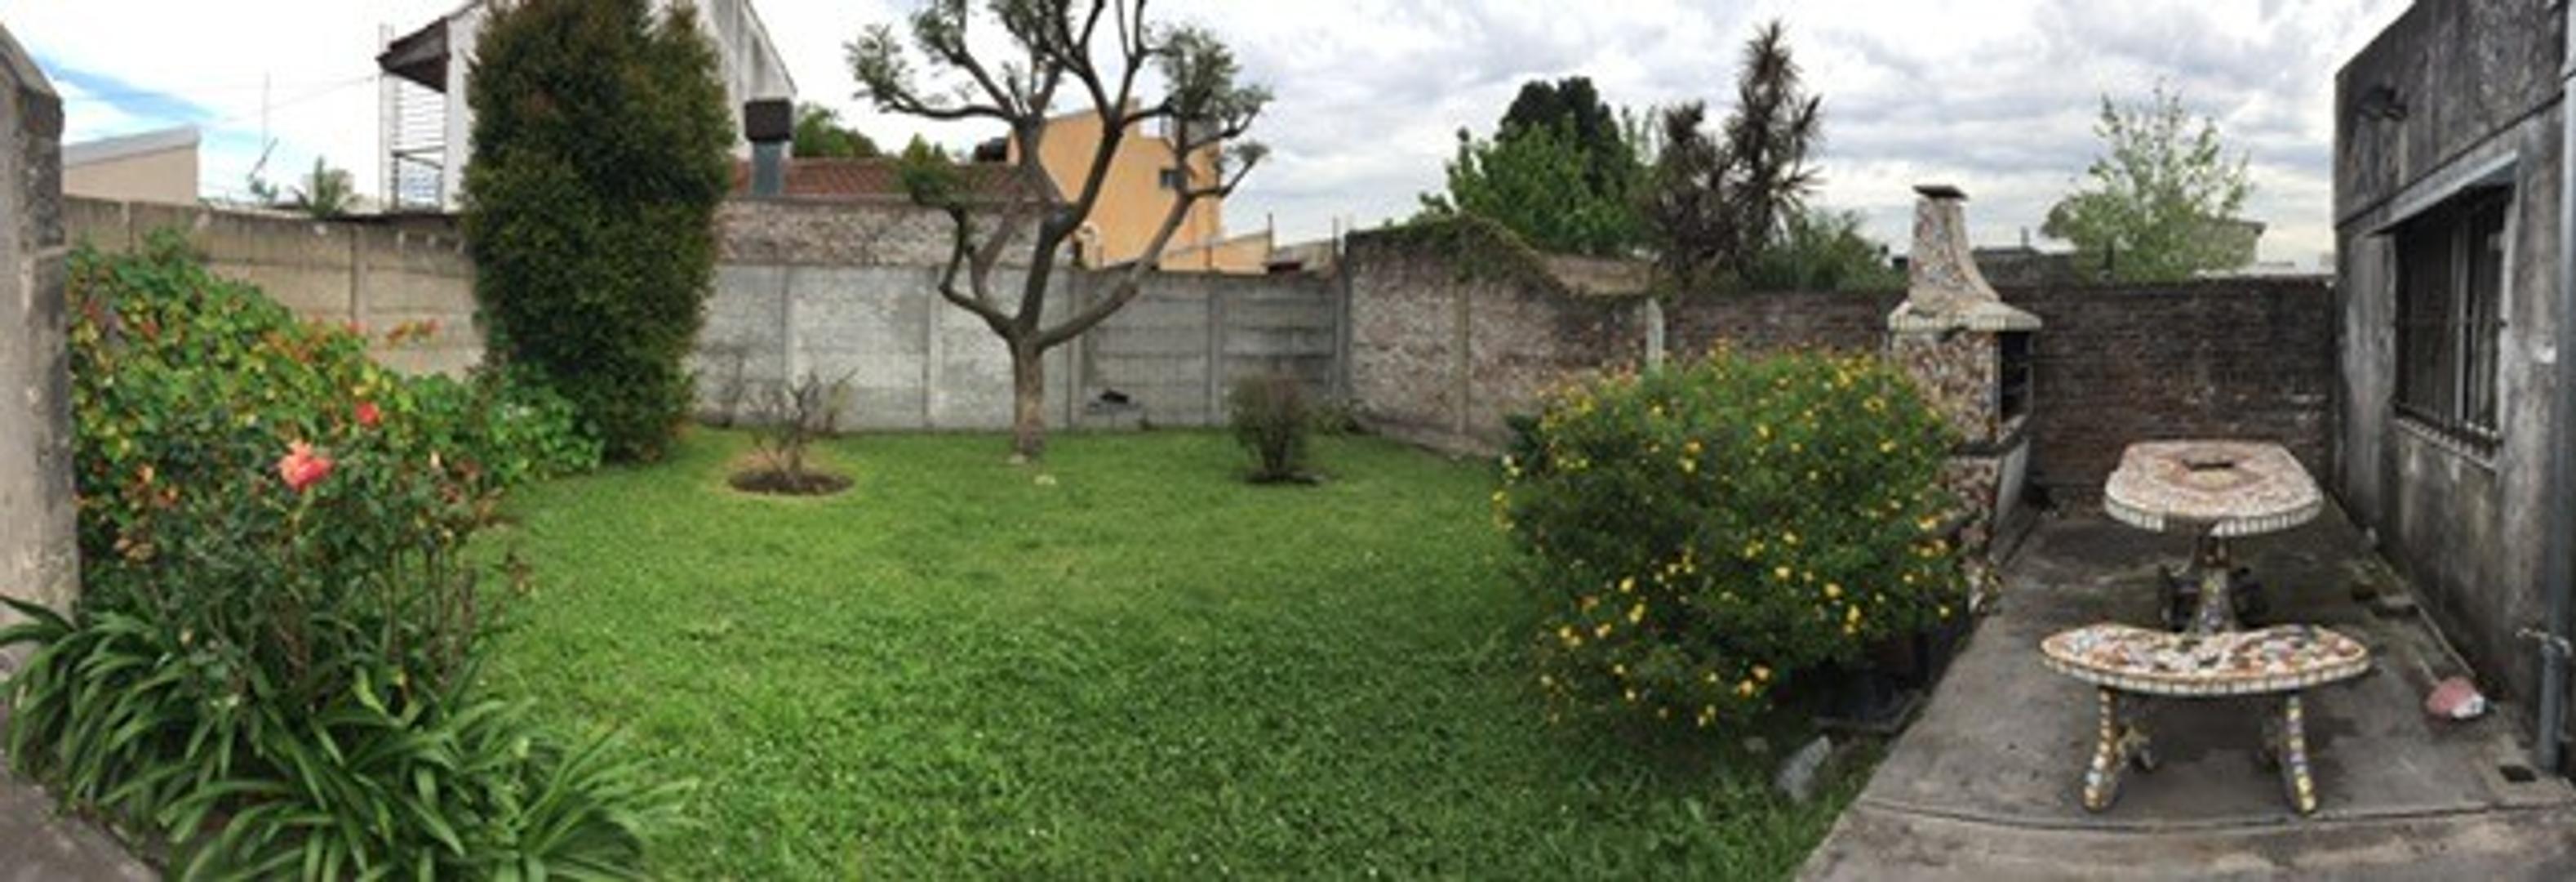 Casa de 3 ambientes c/patio, garage, quincho y jardín - J. C. Varela al 100, Quilmes Este